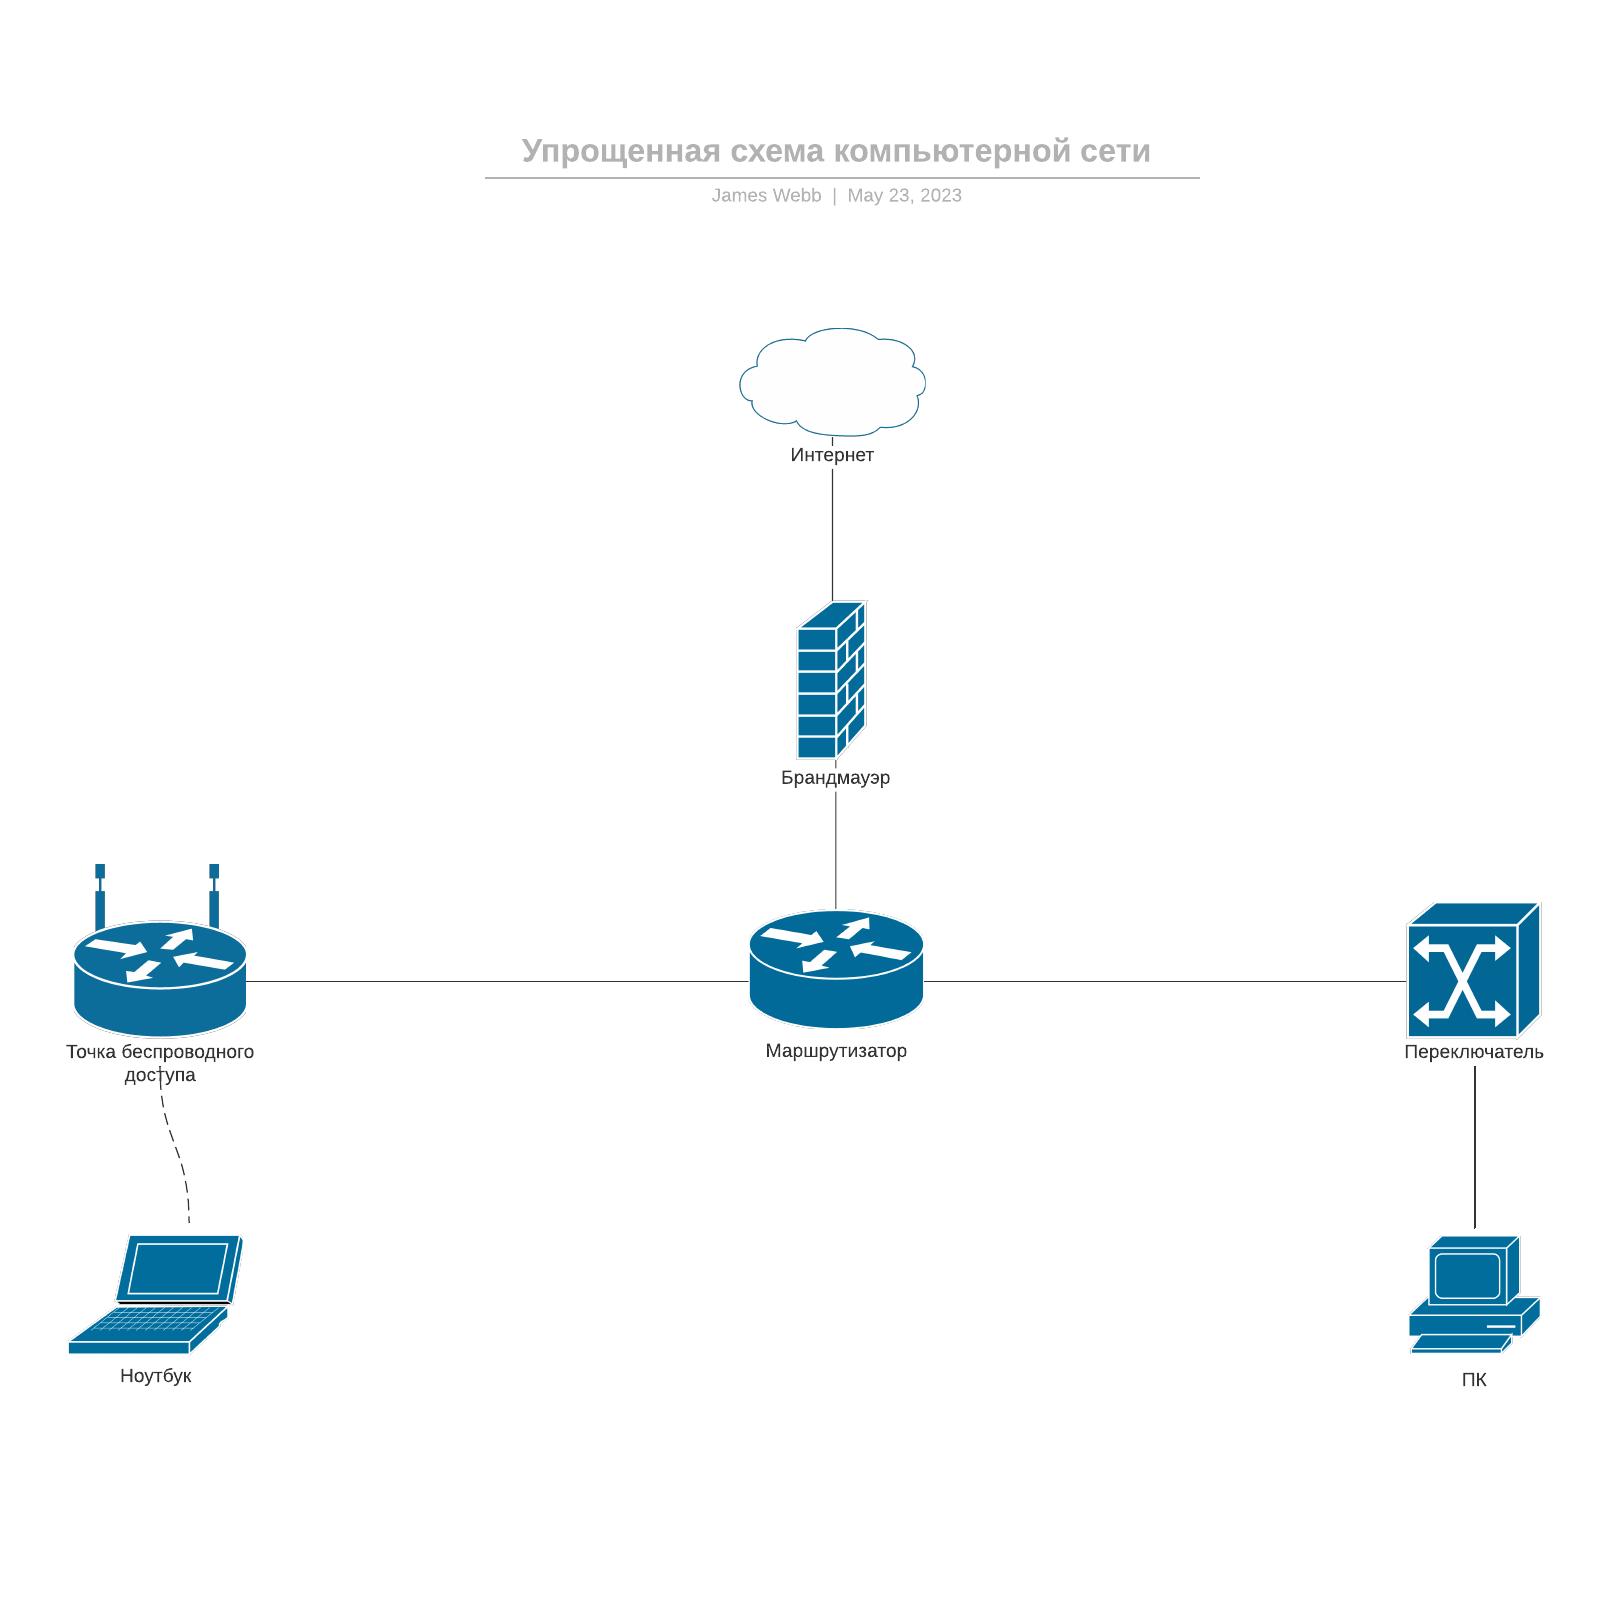 Упрощенная схема компьютерной сети